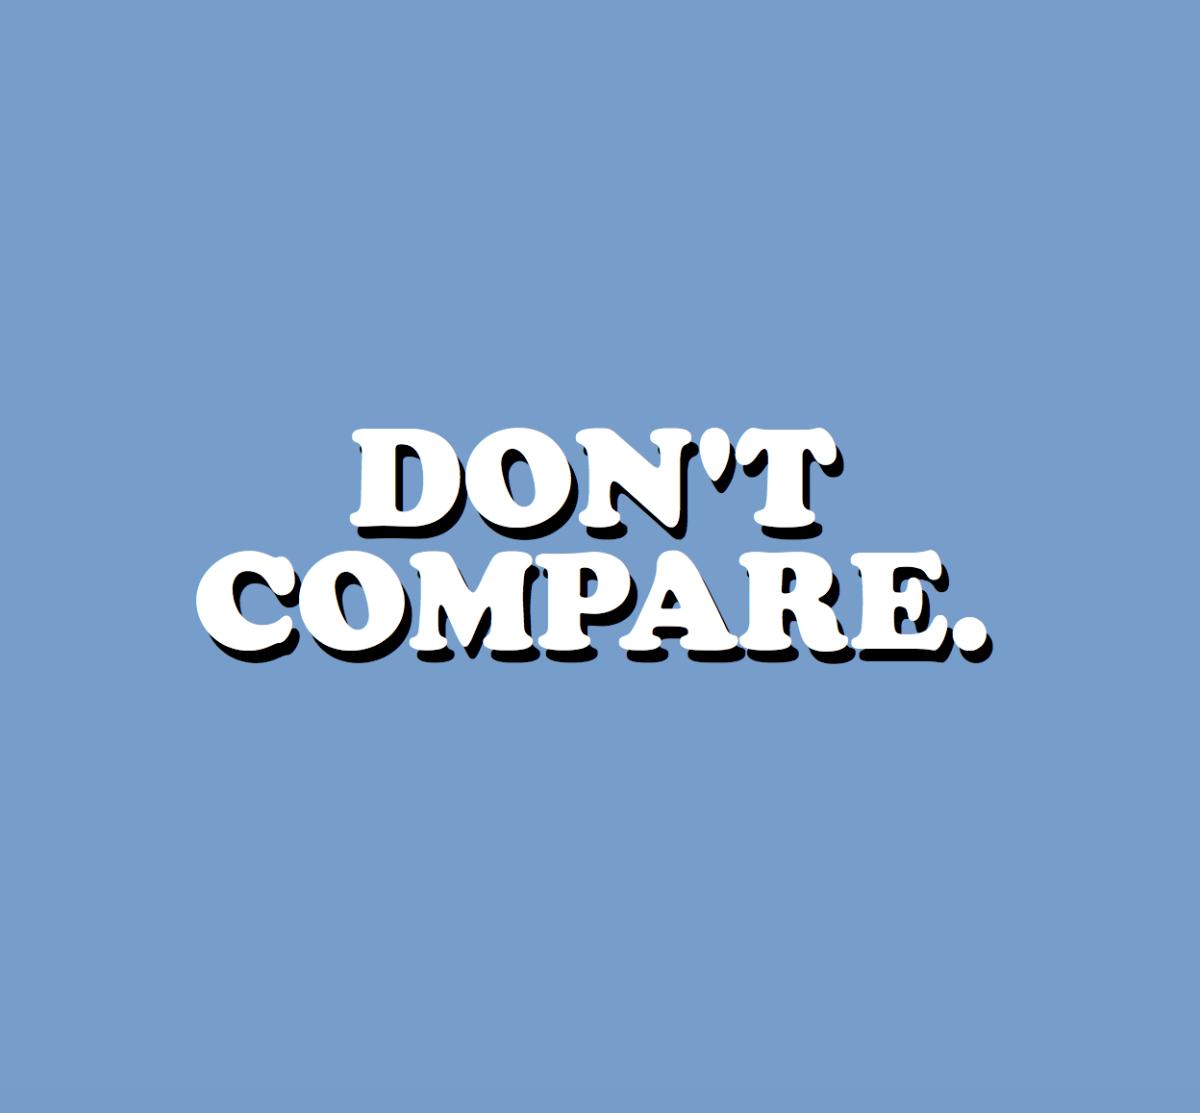 There's No Comparison